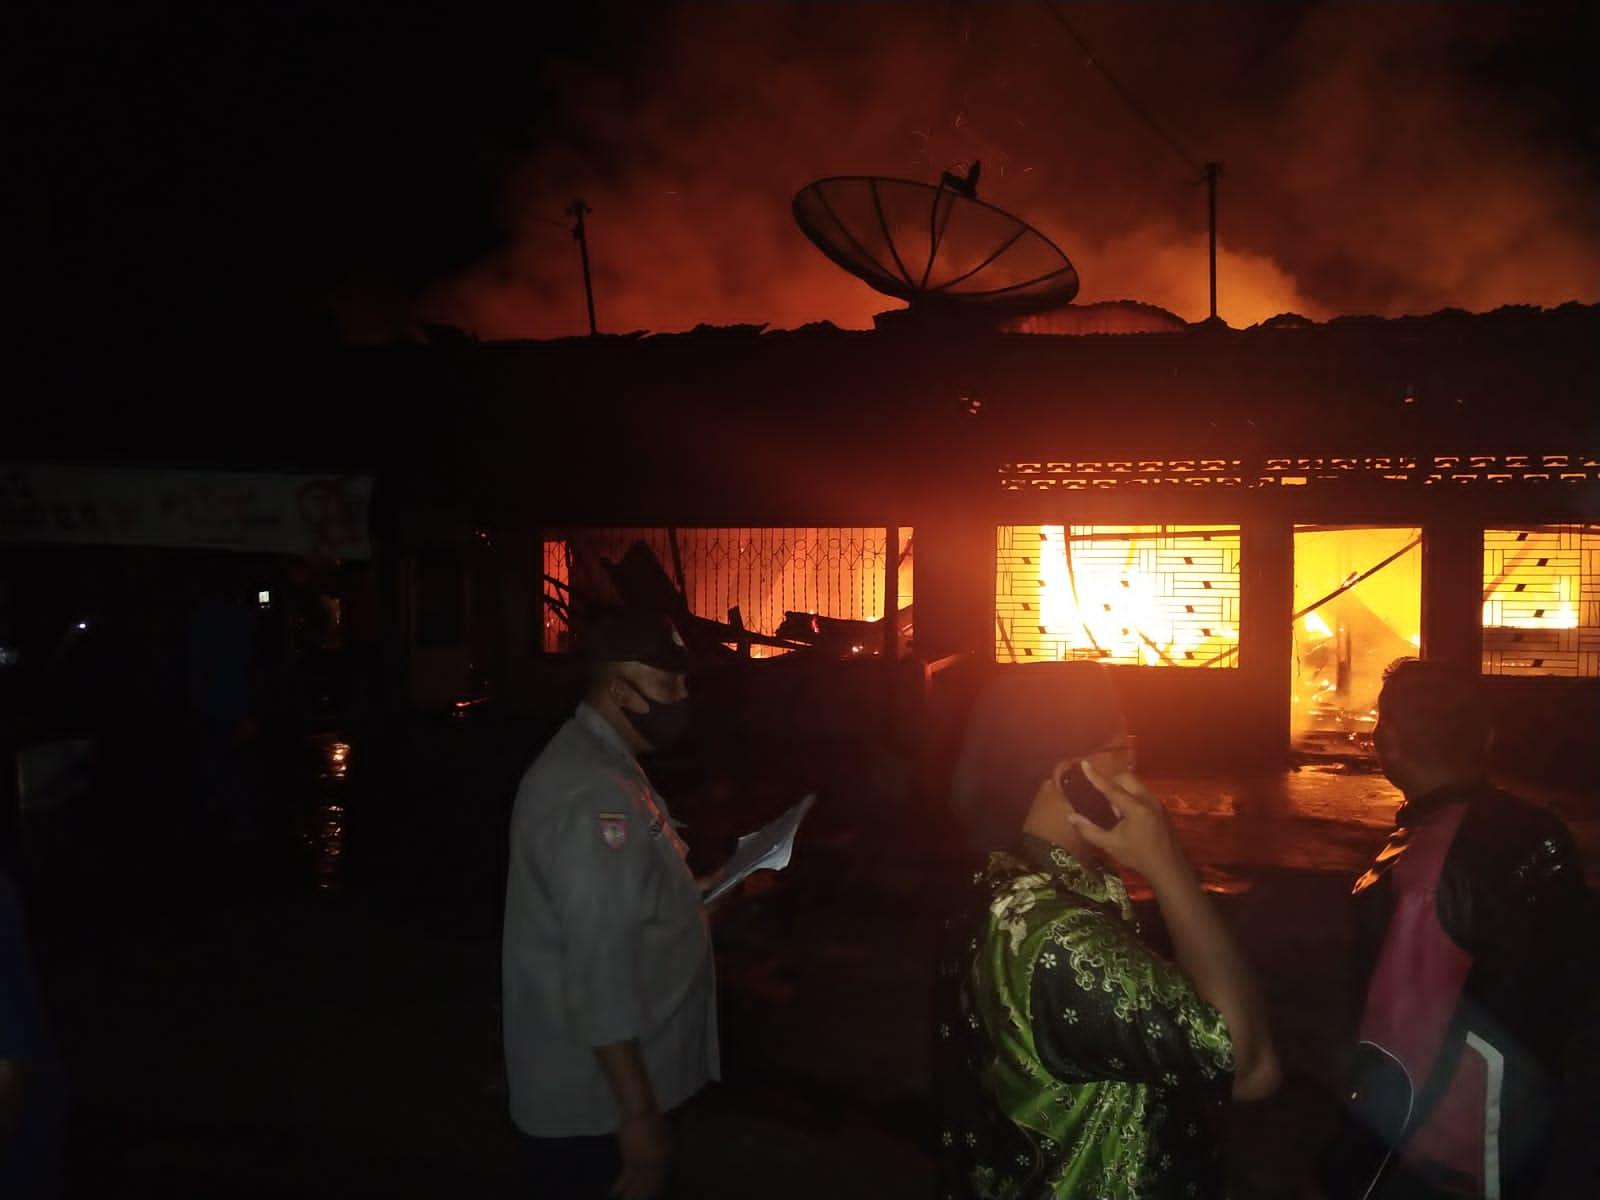 Dua unit rumah di Huta III Nagori Marihat Bukit Kecamatan Gunung Malela Kabupaten Simalungun, Sumatera Utara (Sumut) hangus terbakar, Kamis (30/9/2021) malam. FOTO: Matius Gea/Lingkar.co